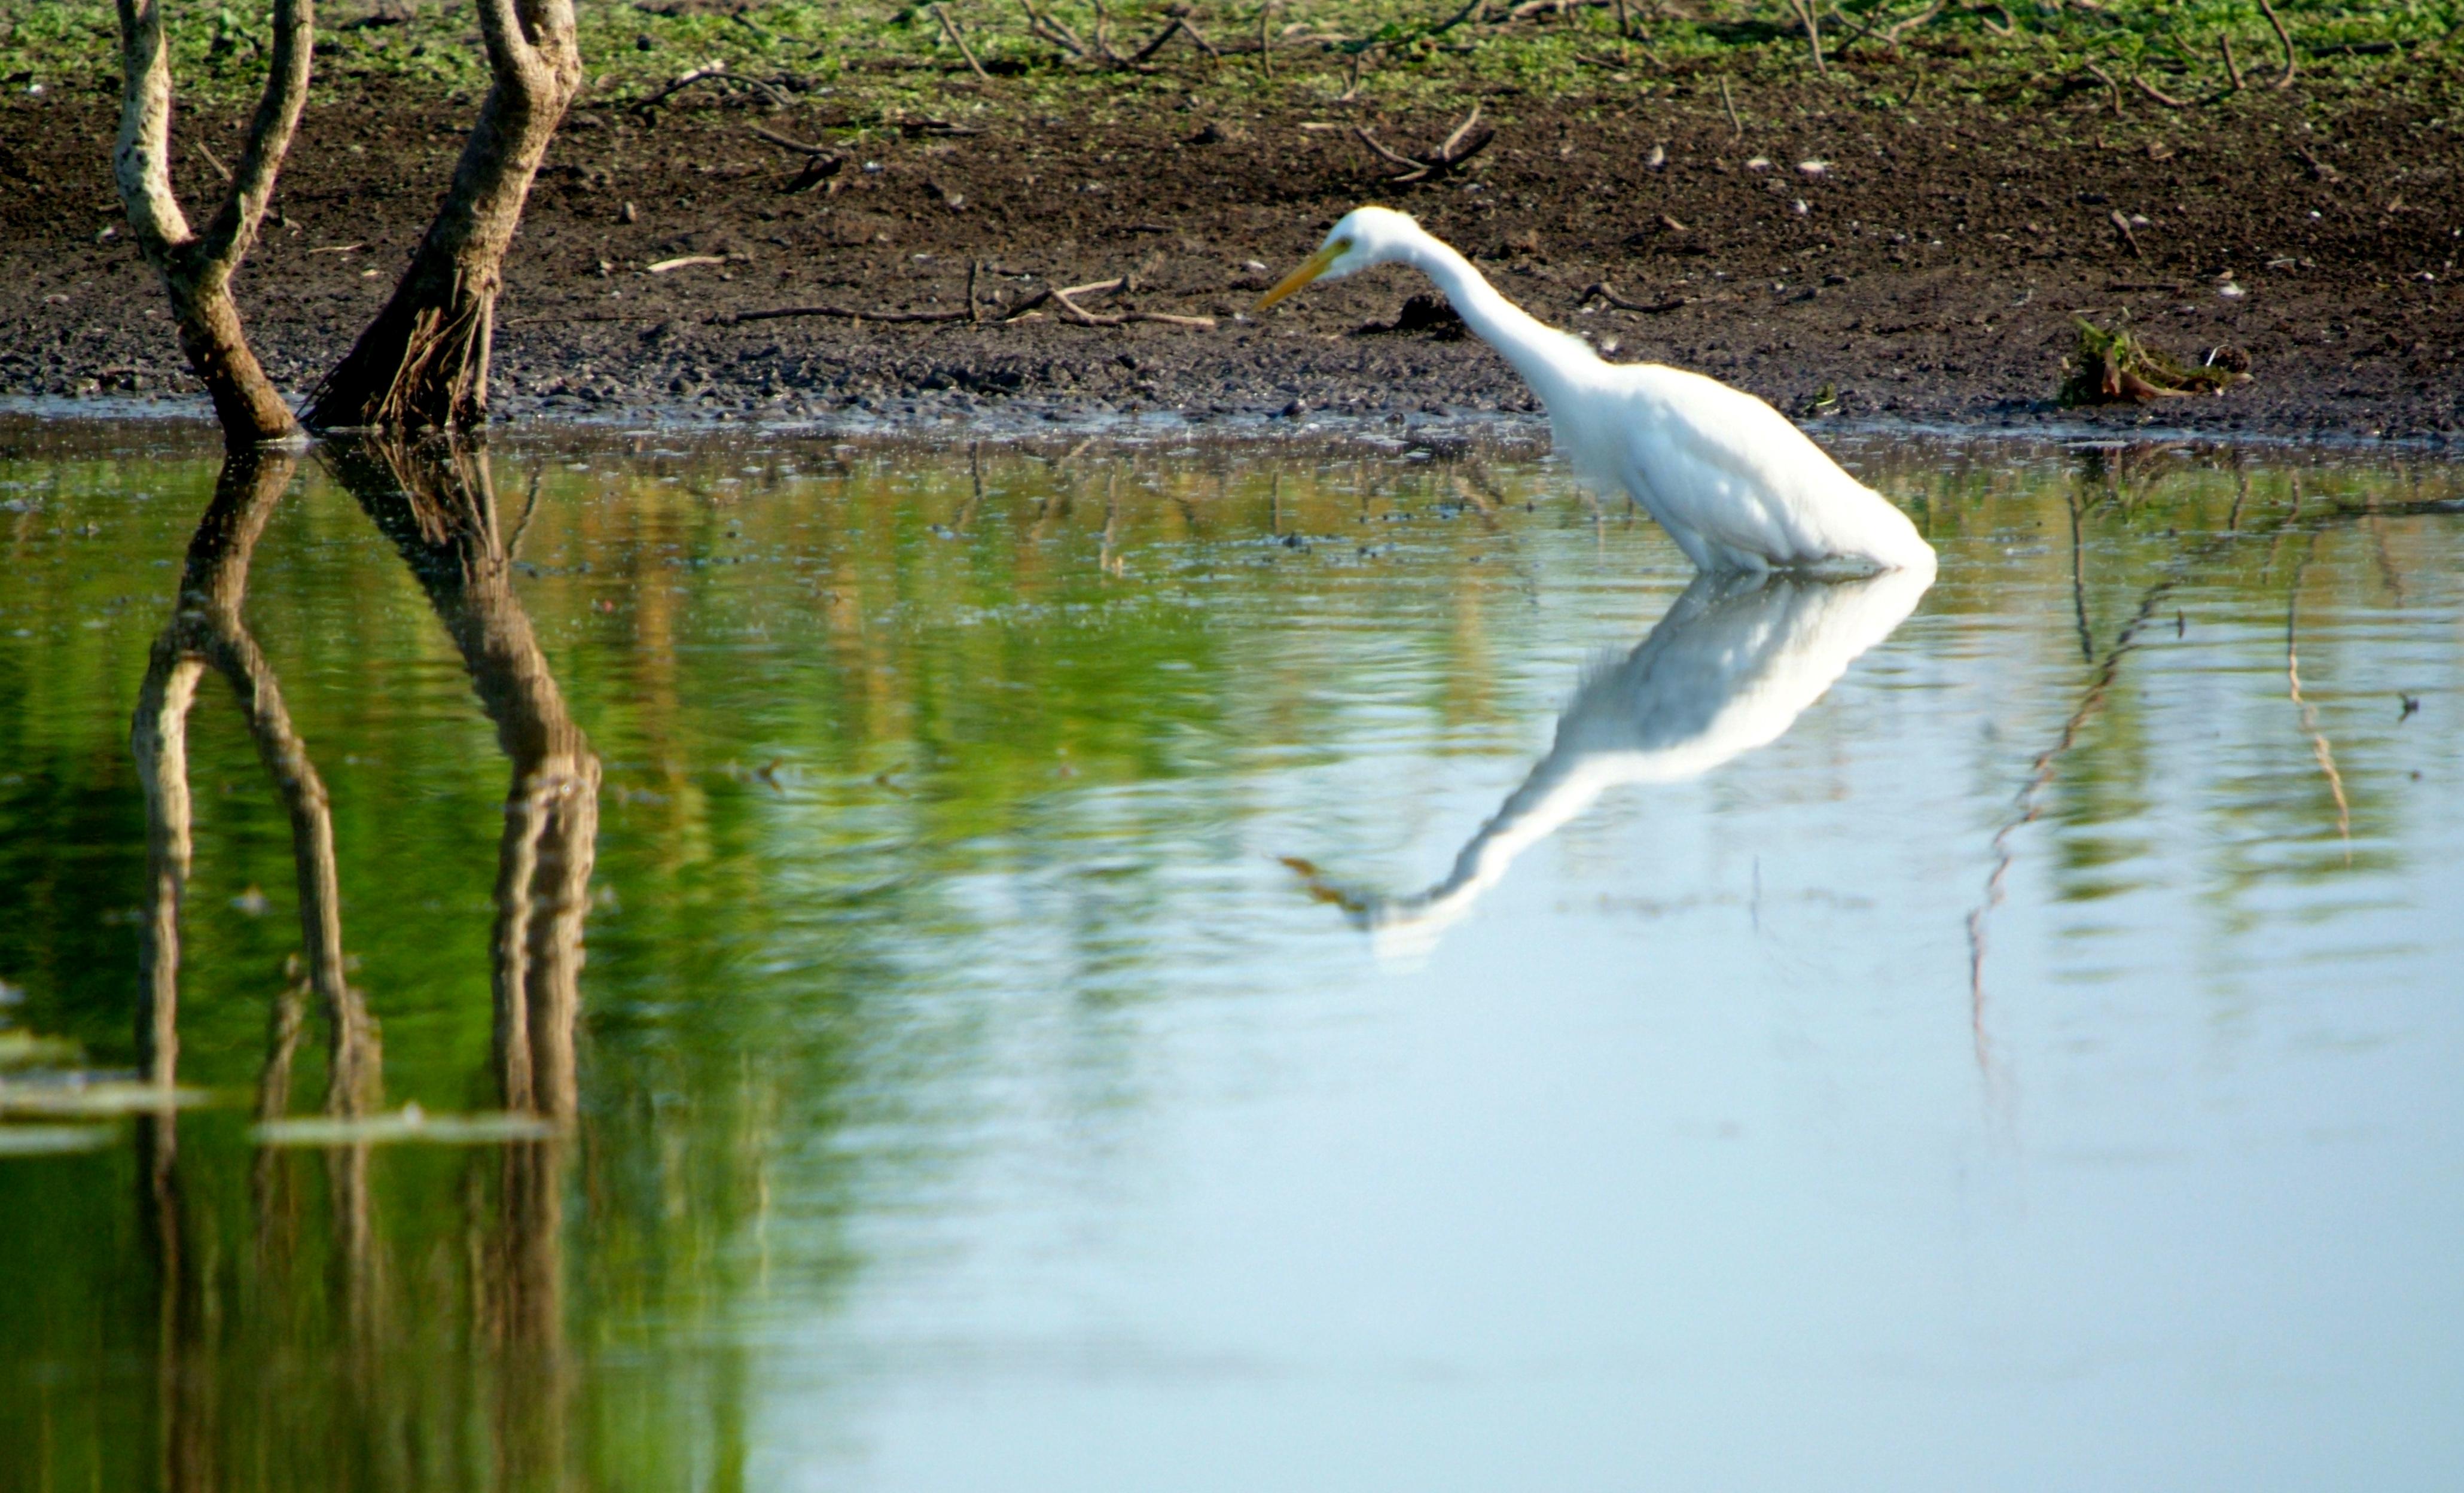 Billabong Bird Reflection